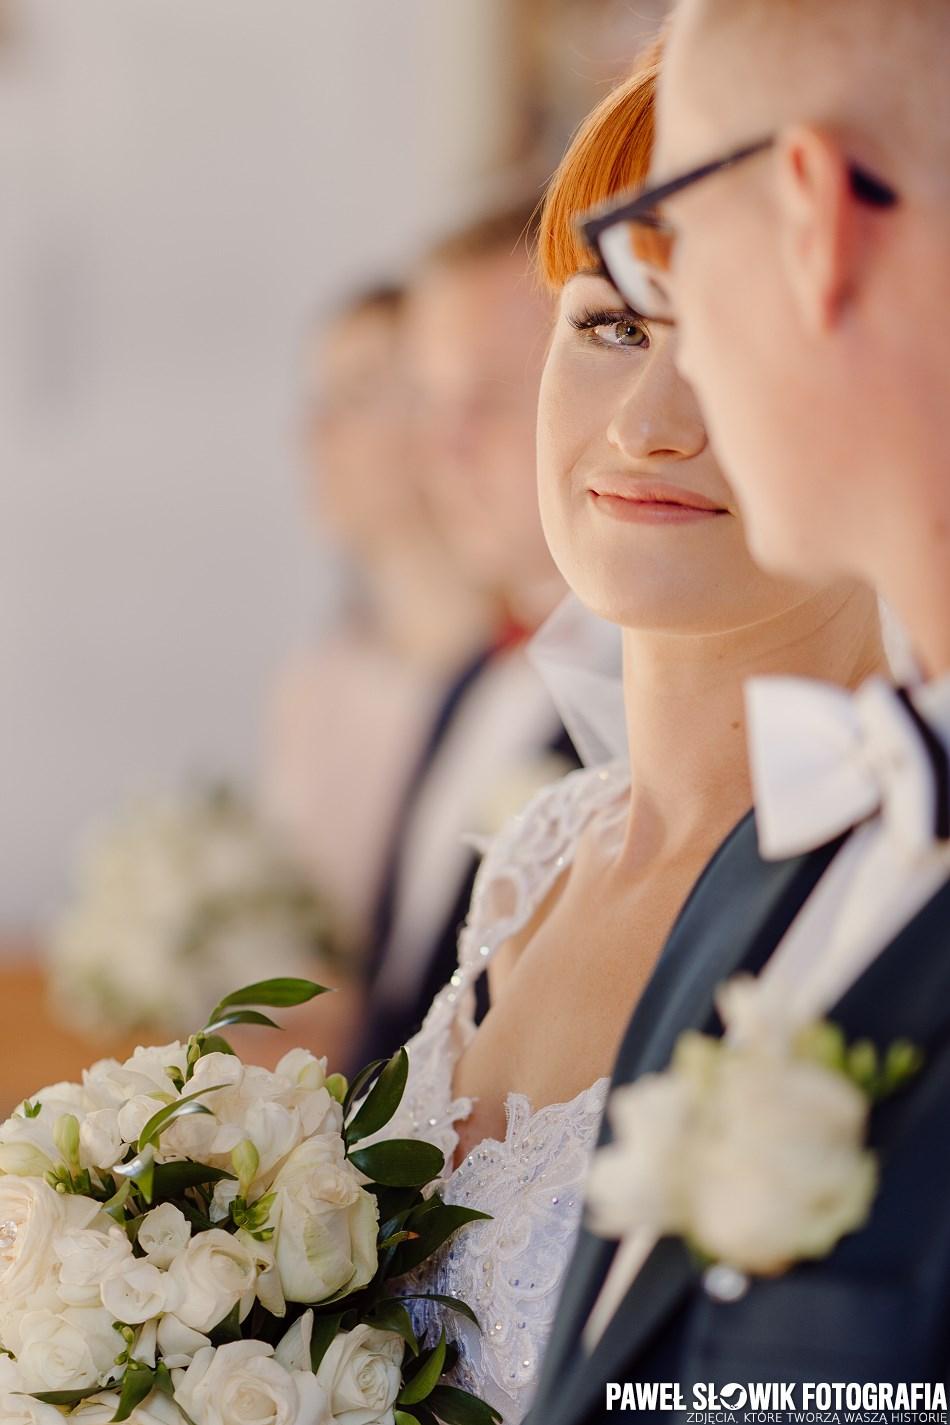 Wyjątkowe, naturalne, pełne emocji zdjęcia ślubne